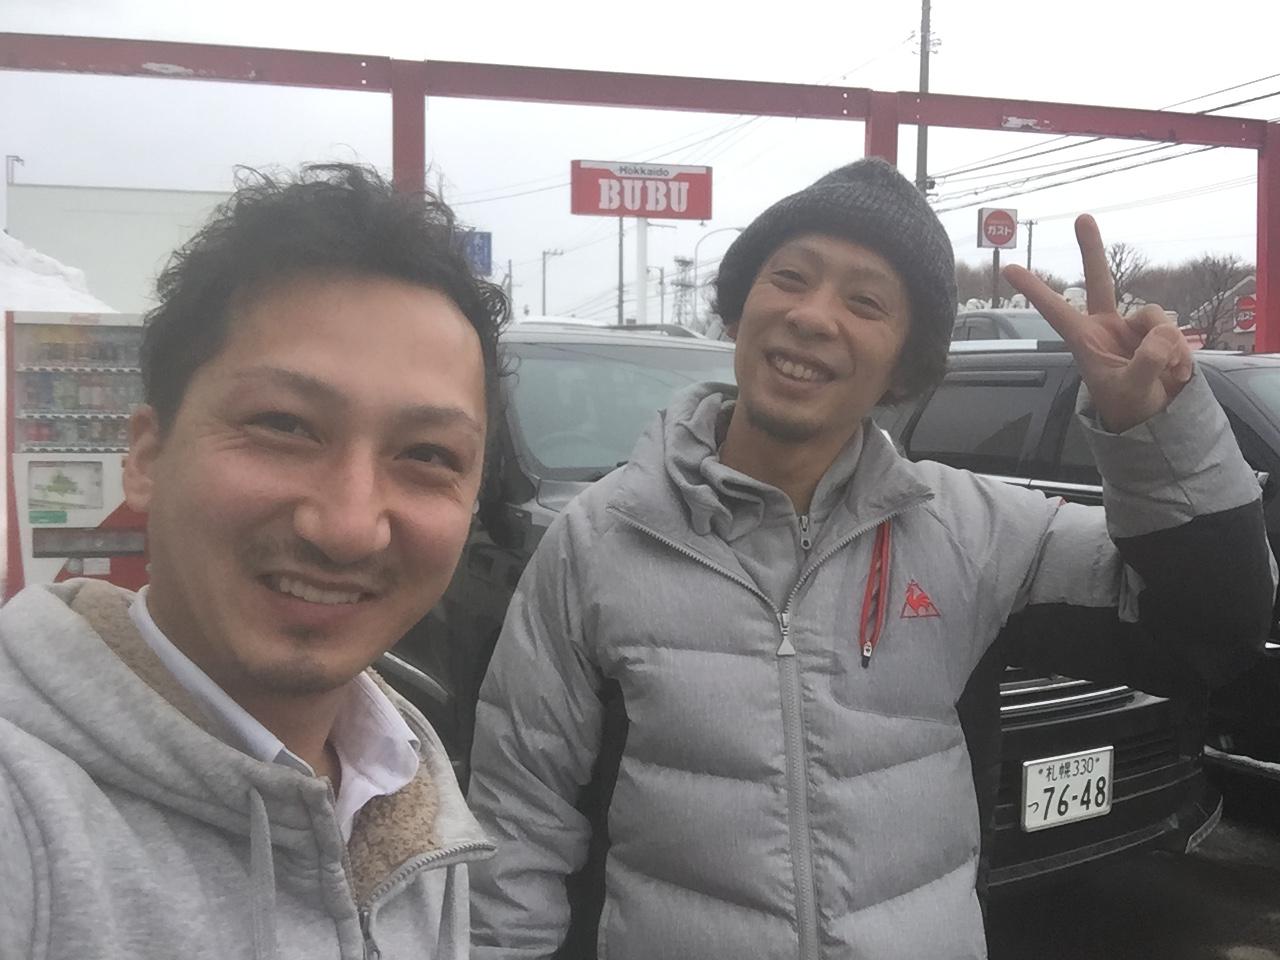 2月23日 金曜日の本店ブログ(´▽`) 本日Fさまミラ納車★ありがとうございます!トミーレンタカー・ランクル、アルファード、ハイエース_b0127002_18232355.jpg